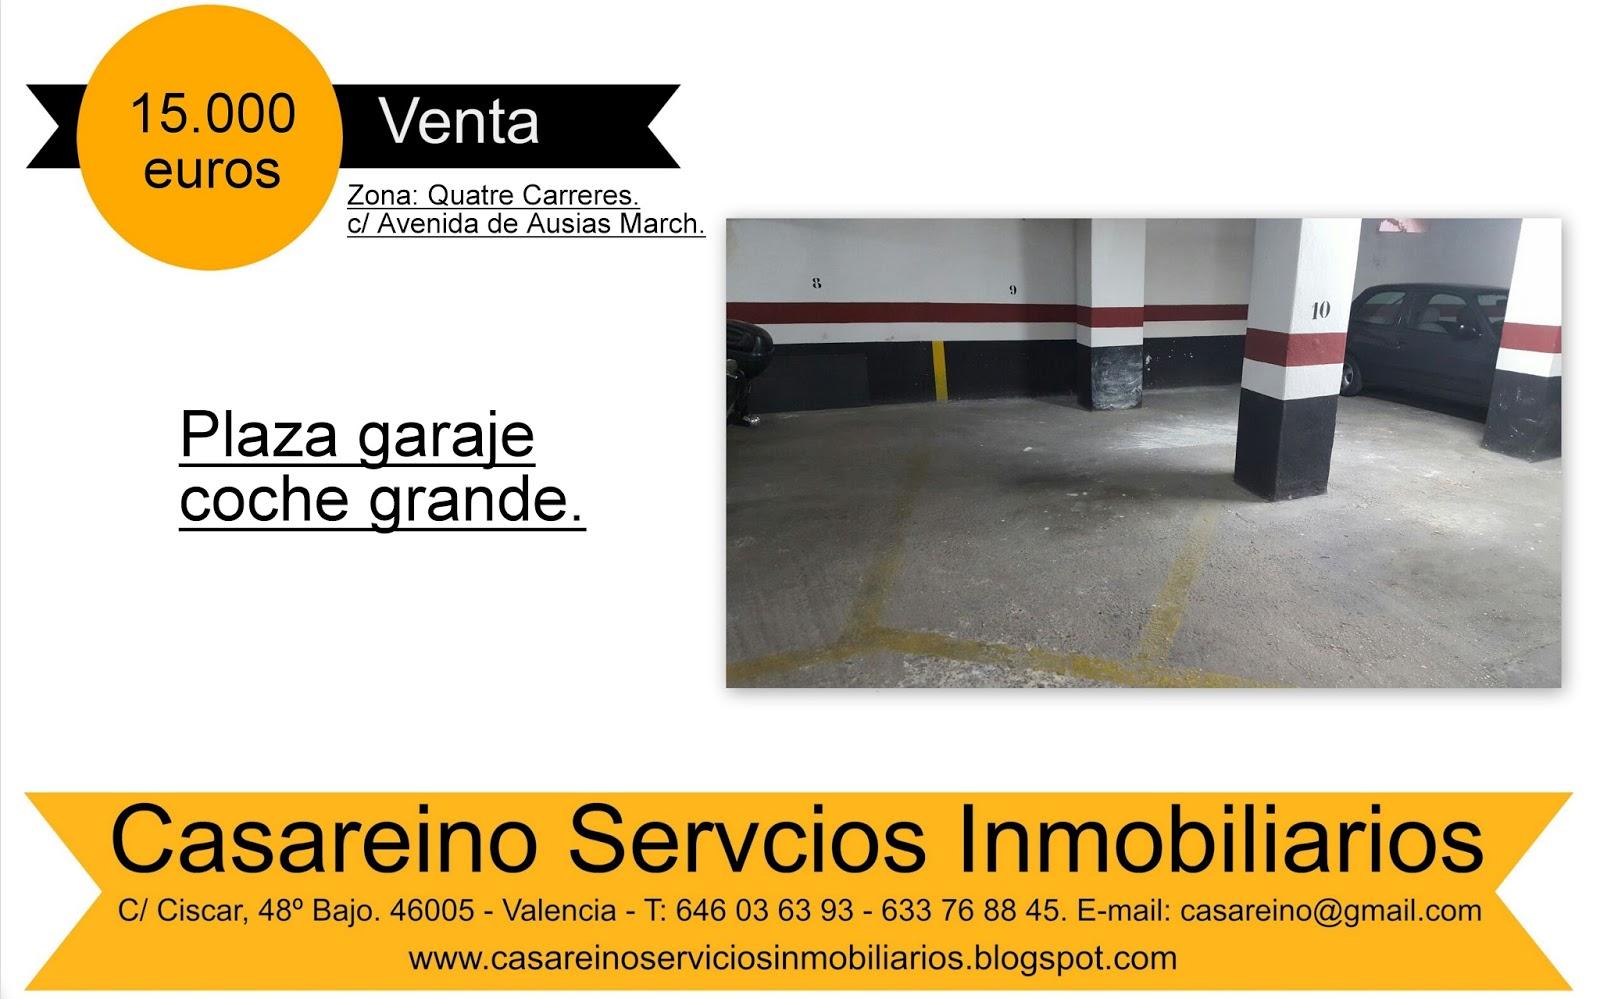 Casareino servicios inmobiliarios venta plazas de garaje en ausias march new octubre 2015 - Venta de plazas de garaje ...